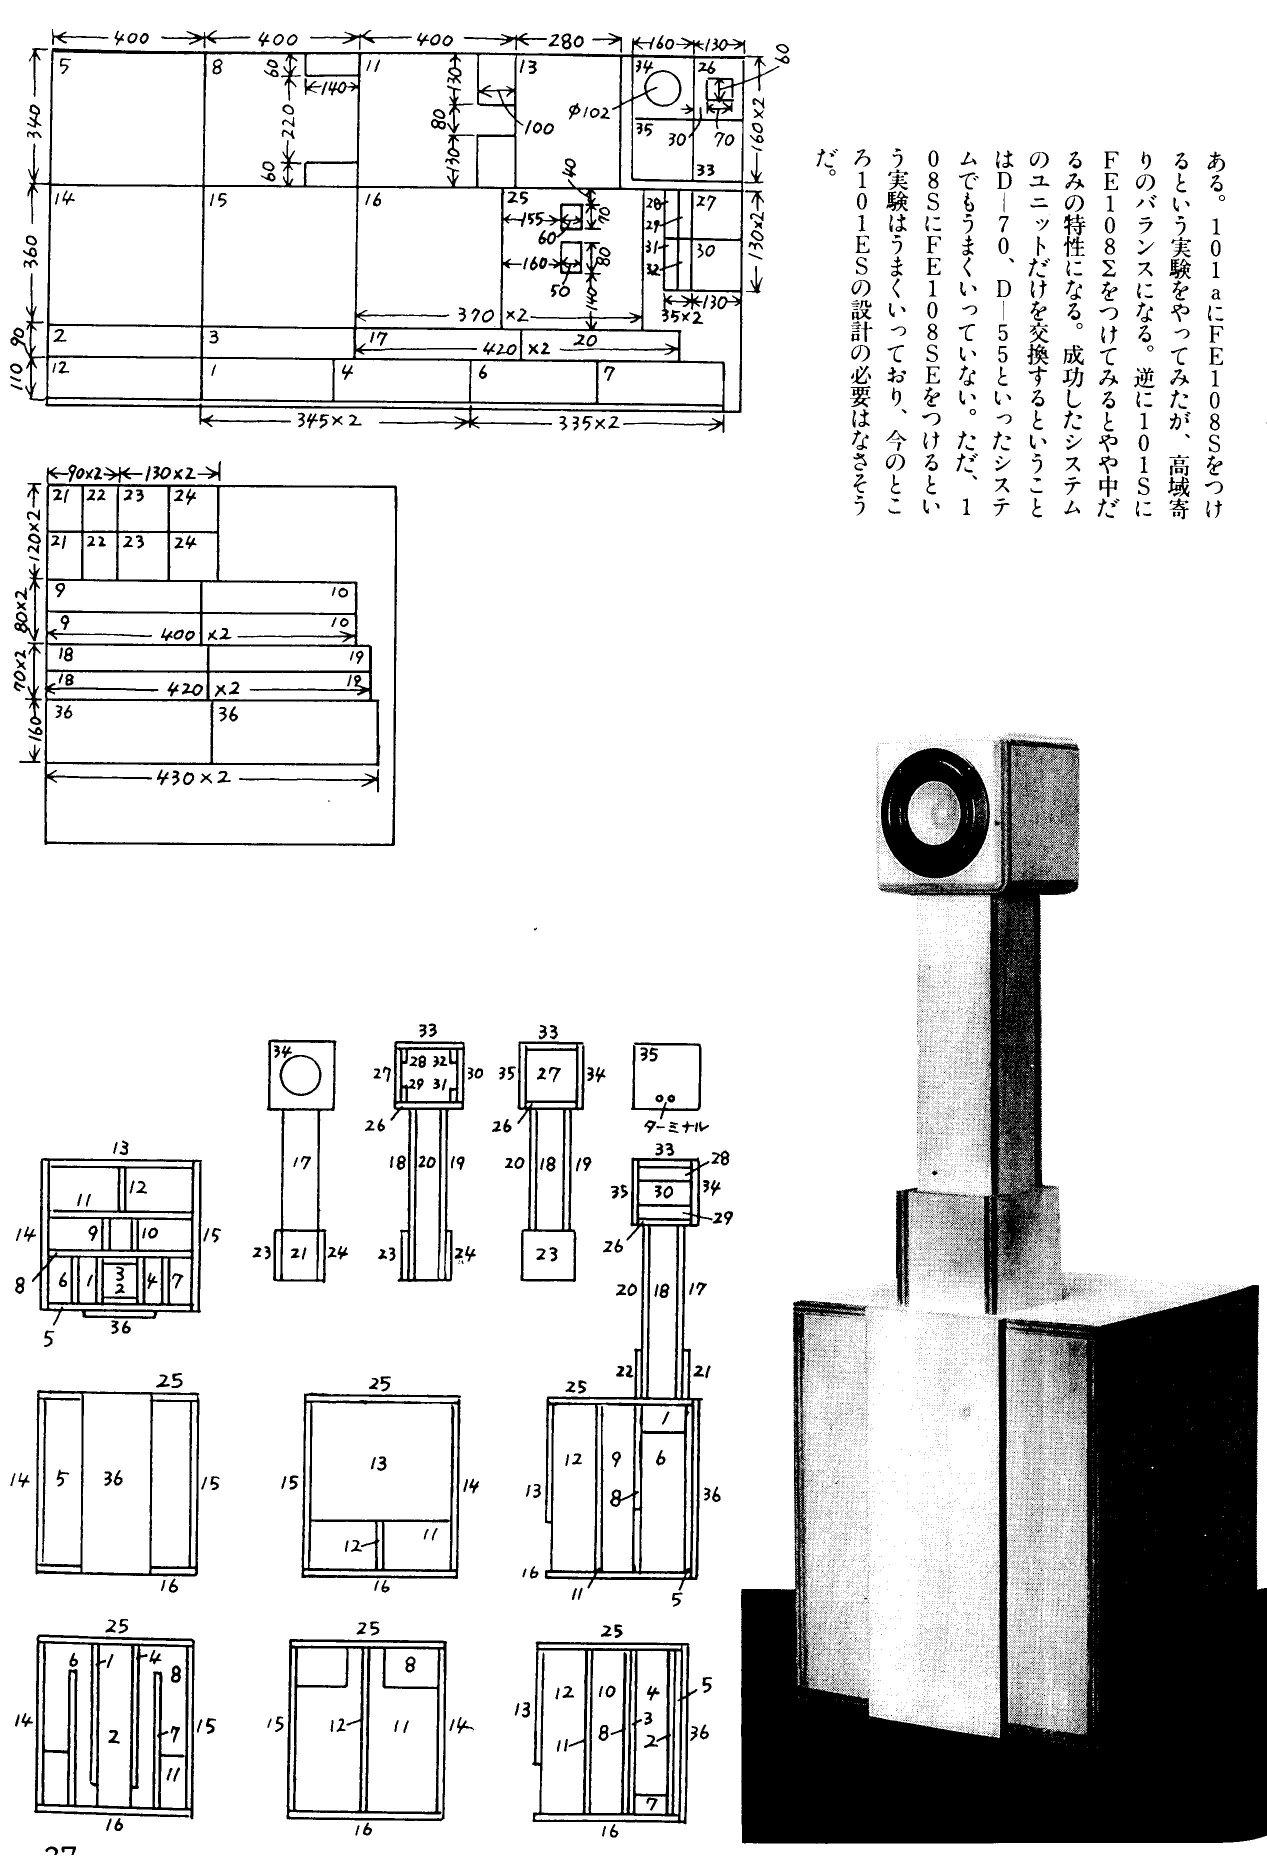 Test Pressing, Dr rob, 20 Questions, EAD Records, Koenji, Yozo Kumitake, 16th Anniversary, Tetsuo Nagaoka